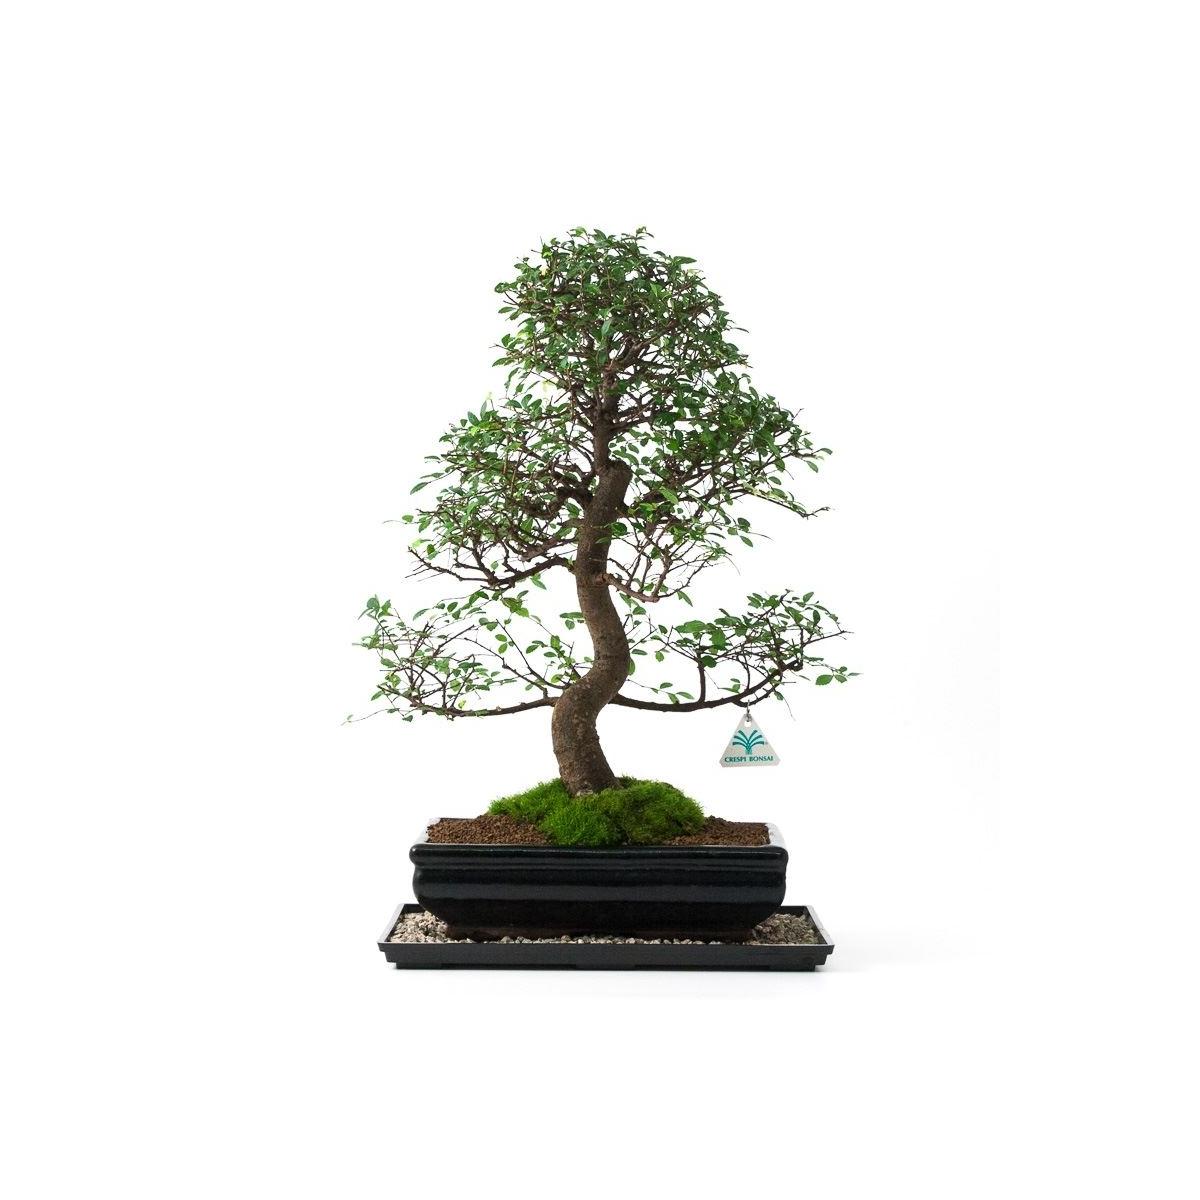 Bonsai gift set Zelkova nire 2